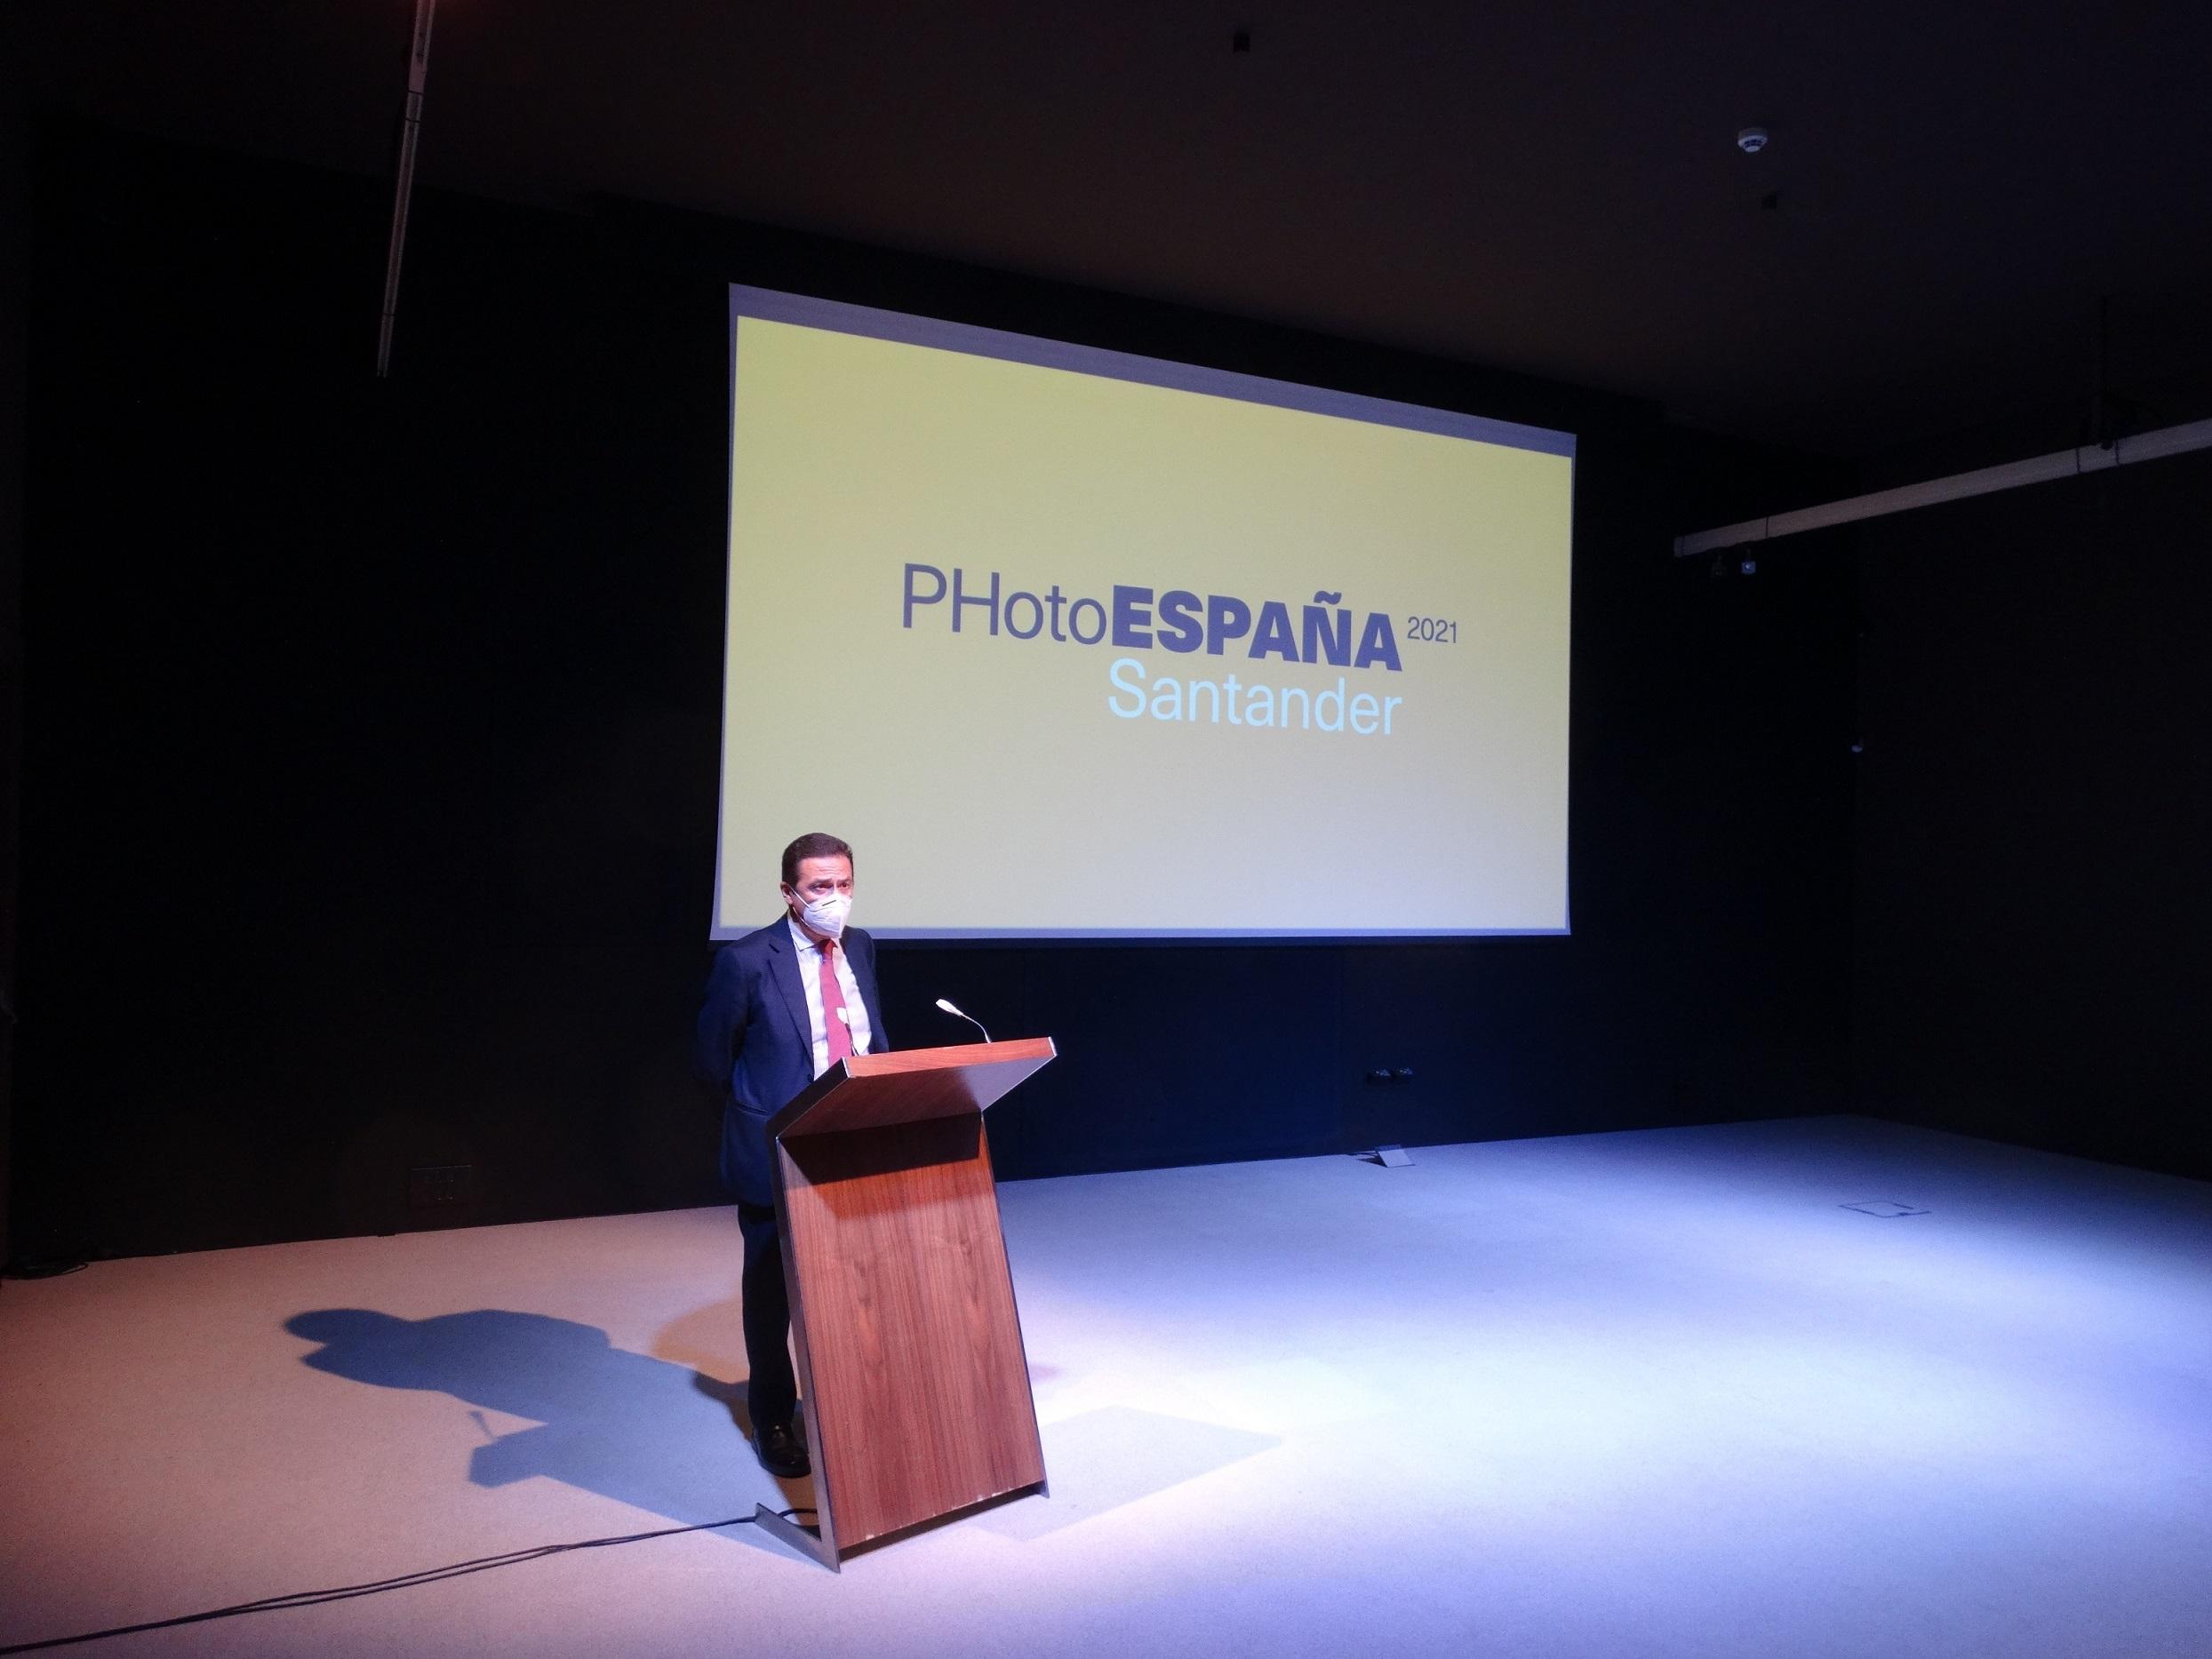 La Autoridad Portuaria de Santander acogerá en sus centros expositivos dos importantes muestras fotográficas